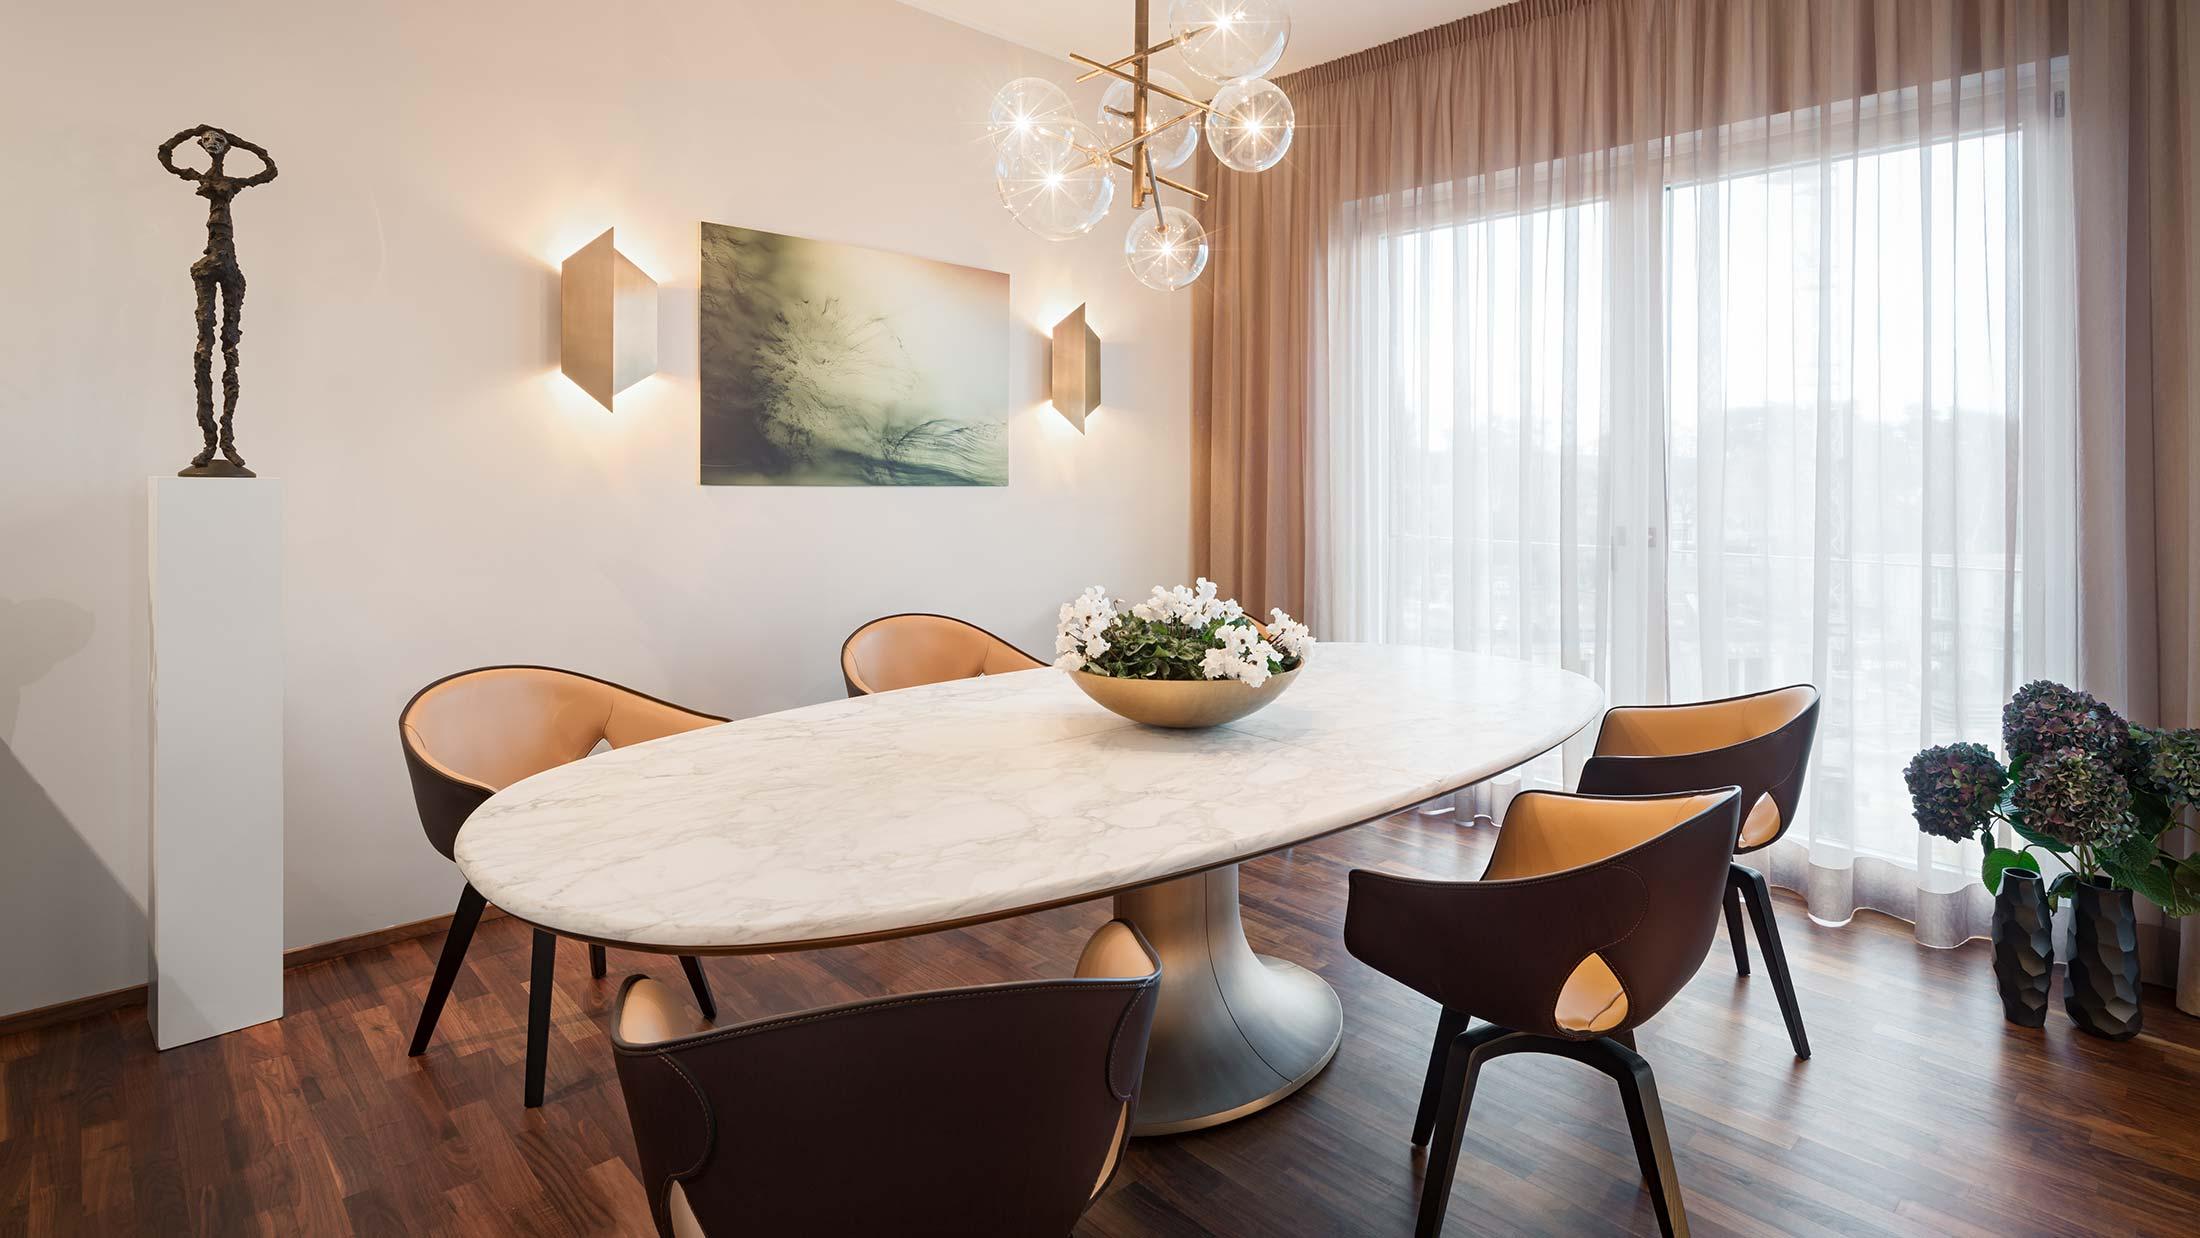 Penthouse Fünf Morgen: Esszimmer Tisch mit markantem Bronzefuß und Platte aus edlem Marmor Calacatta Oro